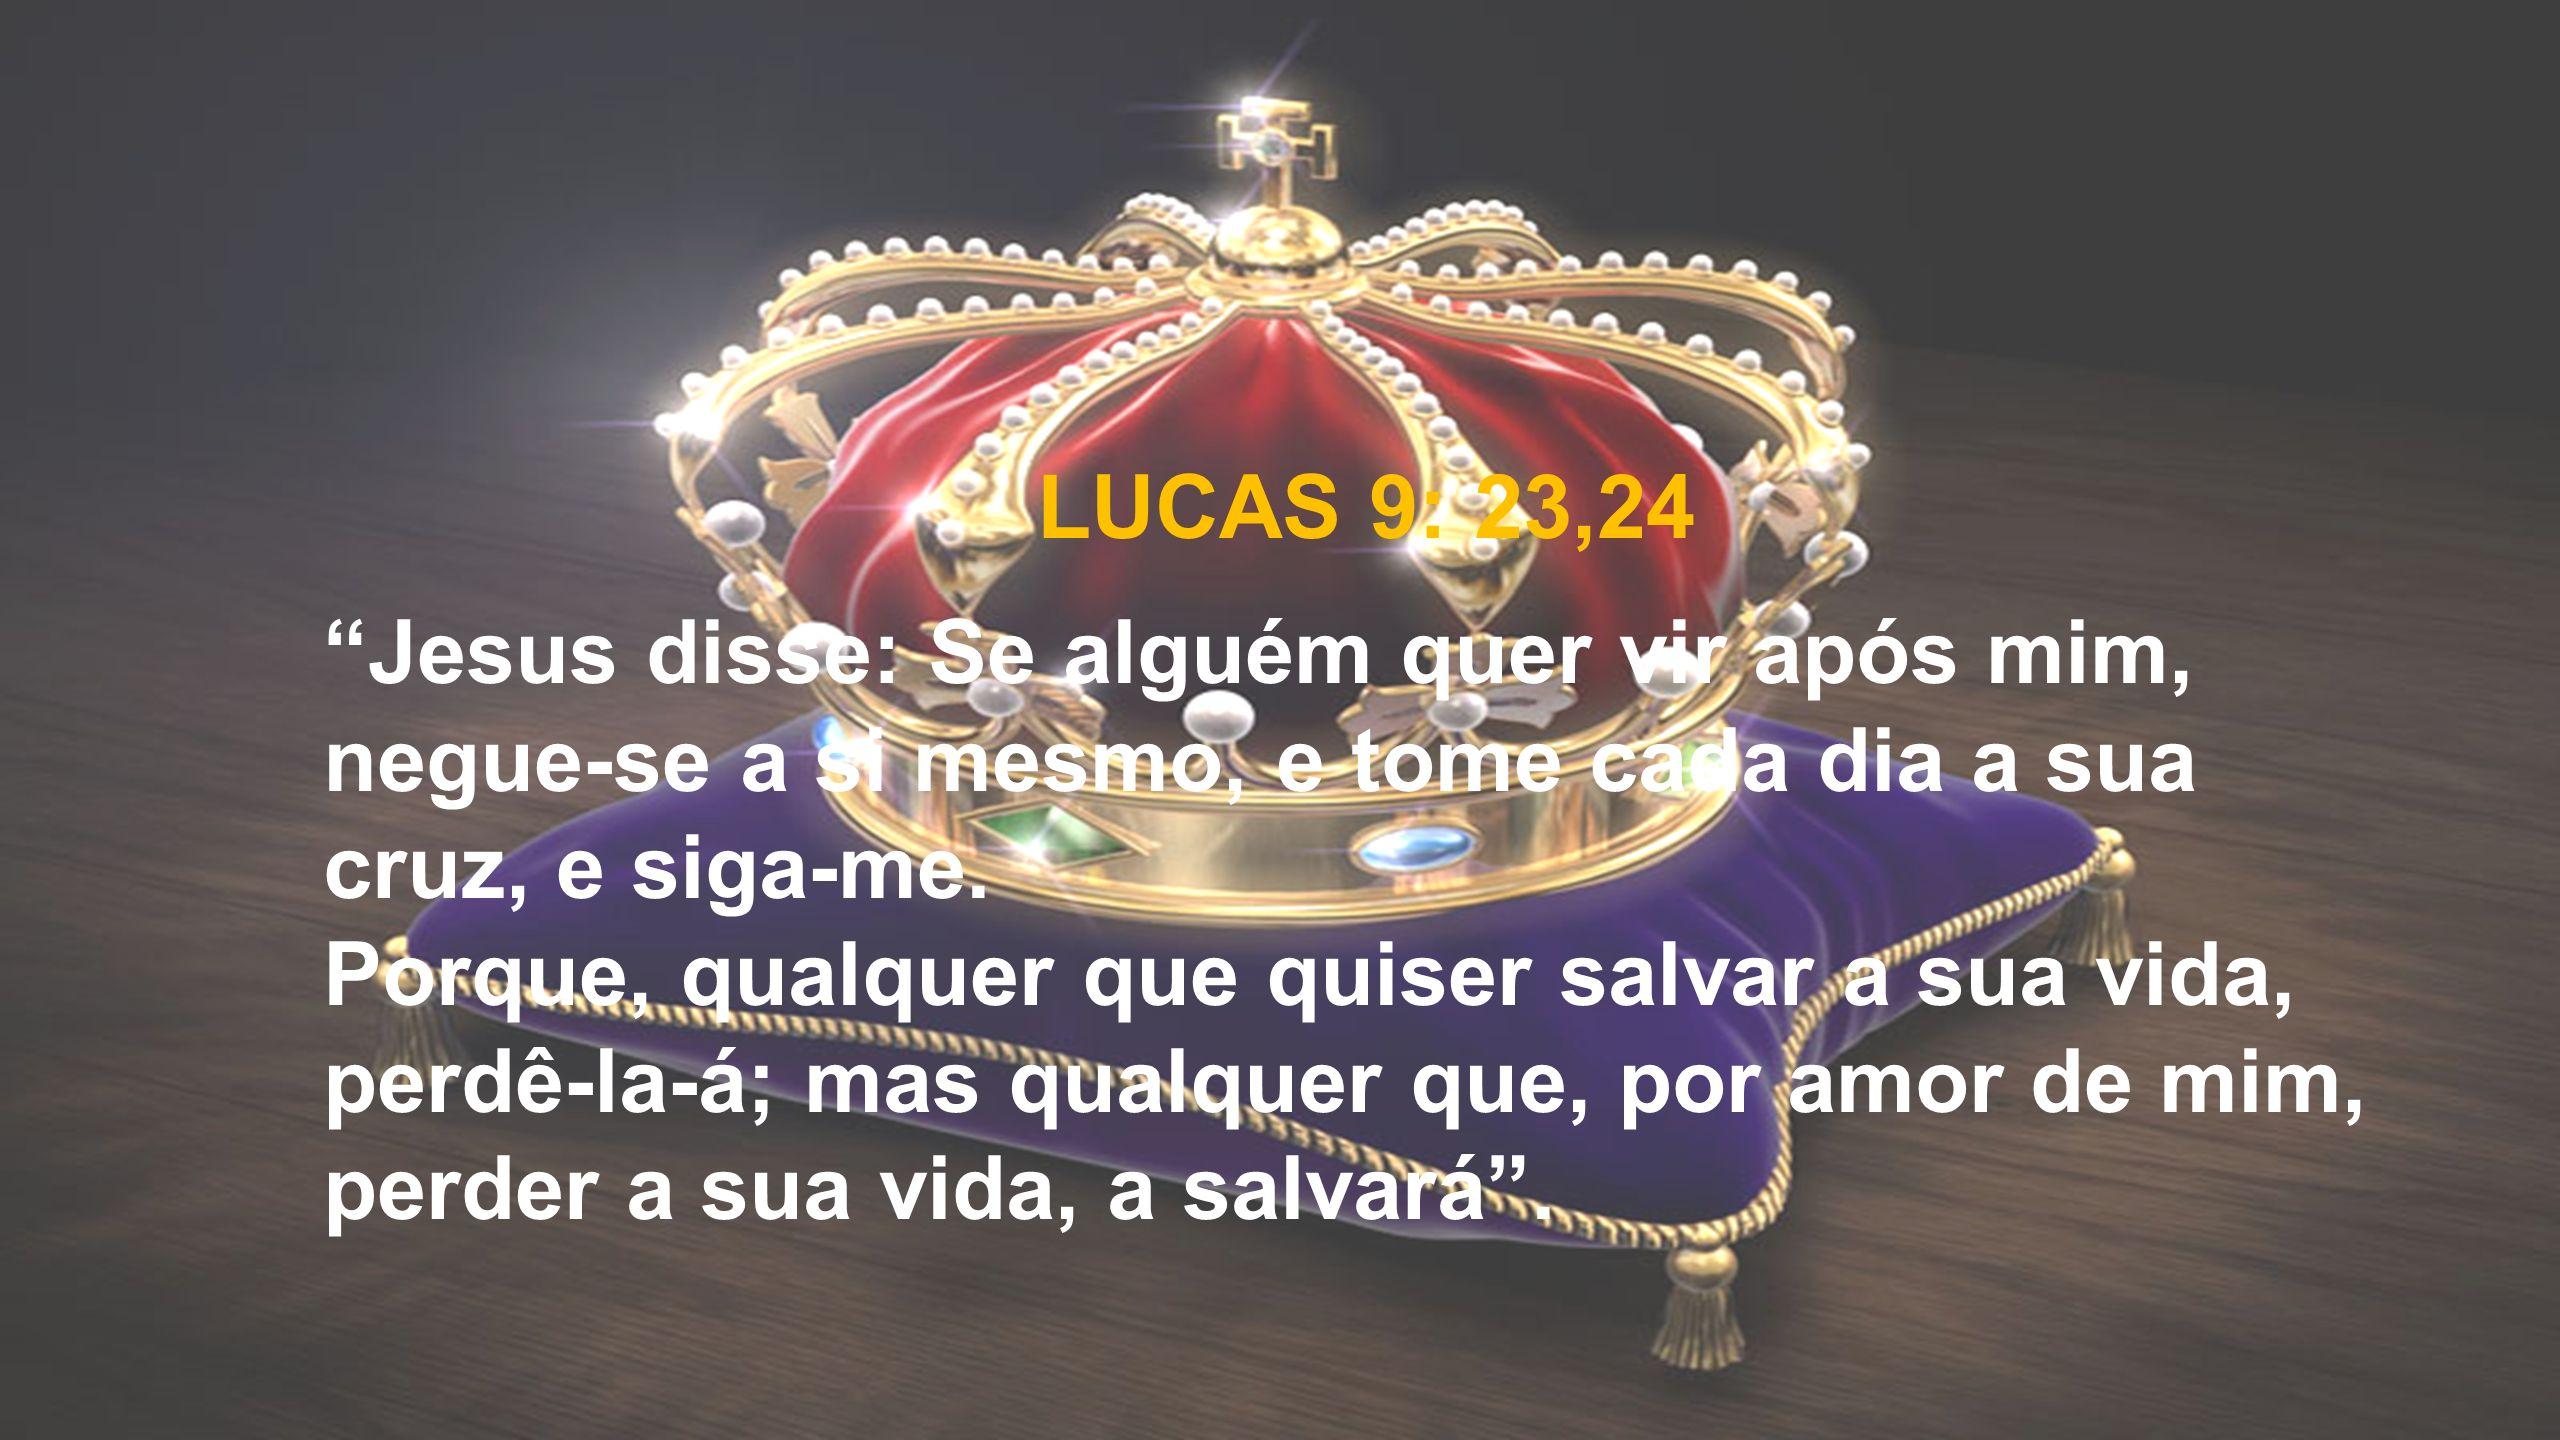 """LUCAS 9: 23,24 """"Jesus disse: Se alguém quer vir após mim, negue-se a si mesmo, e tome cada dia a sua cruz, e siga-me. Porque, qualquer que quiser salv"""